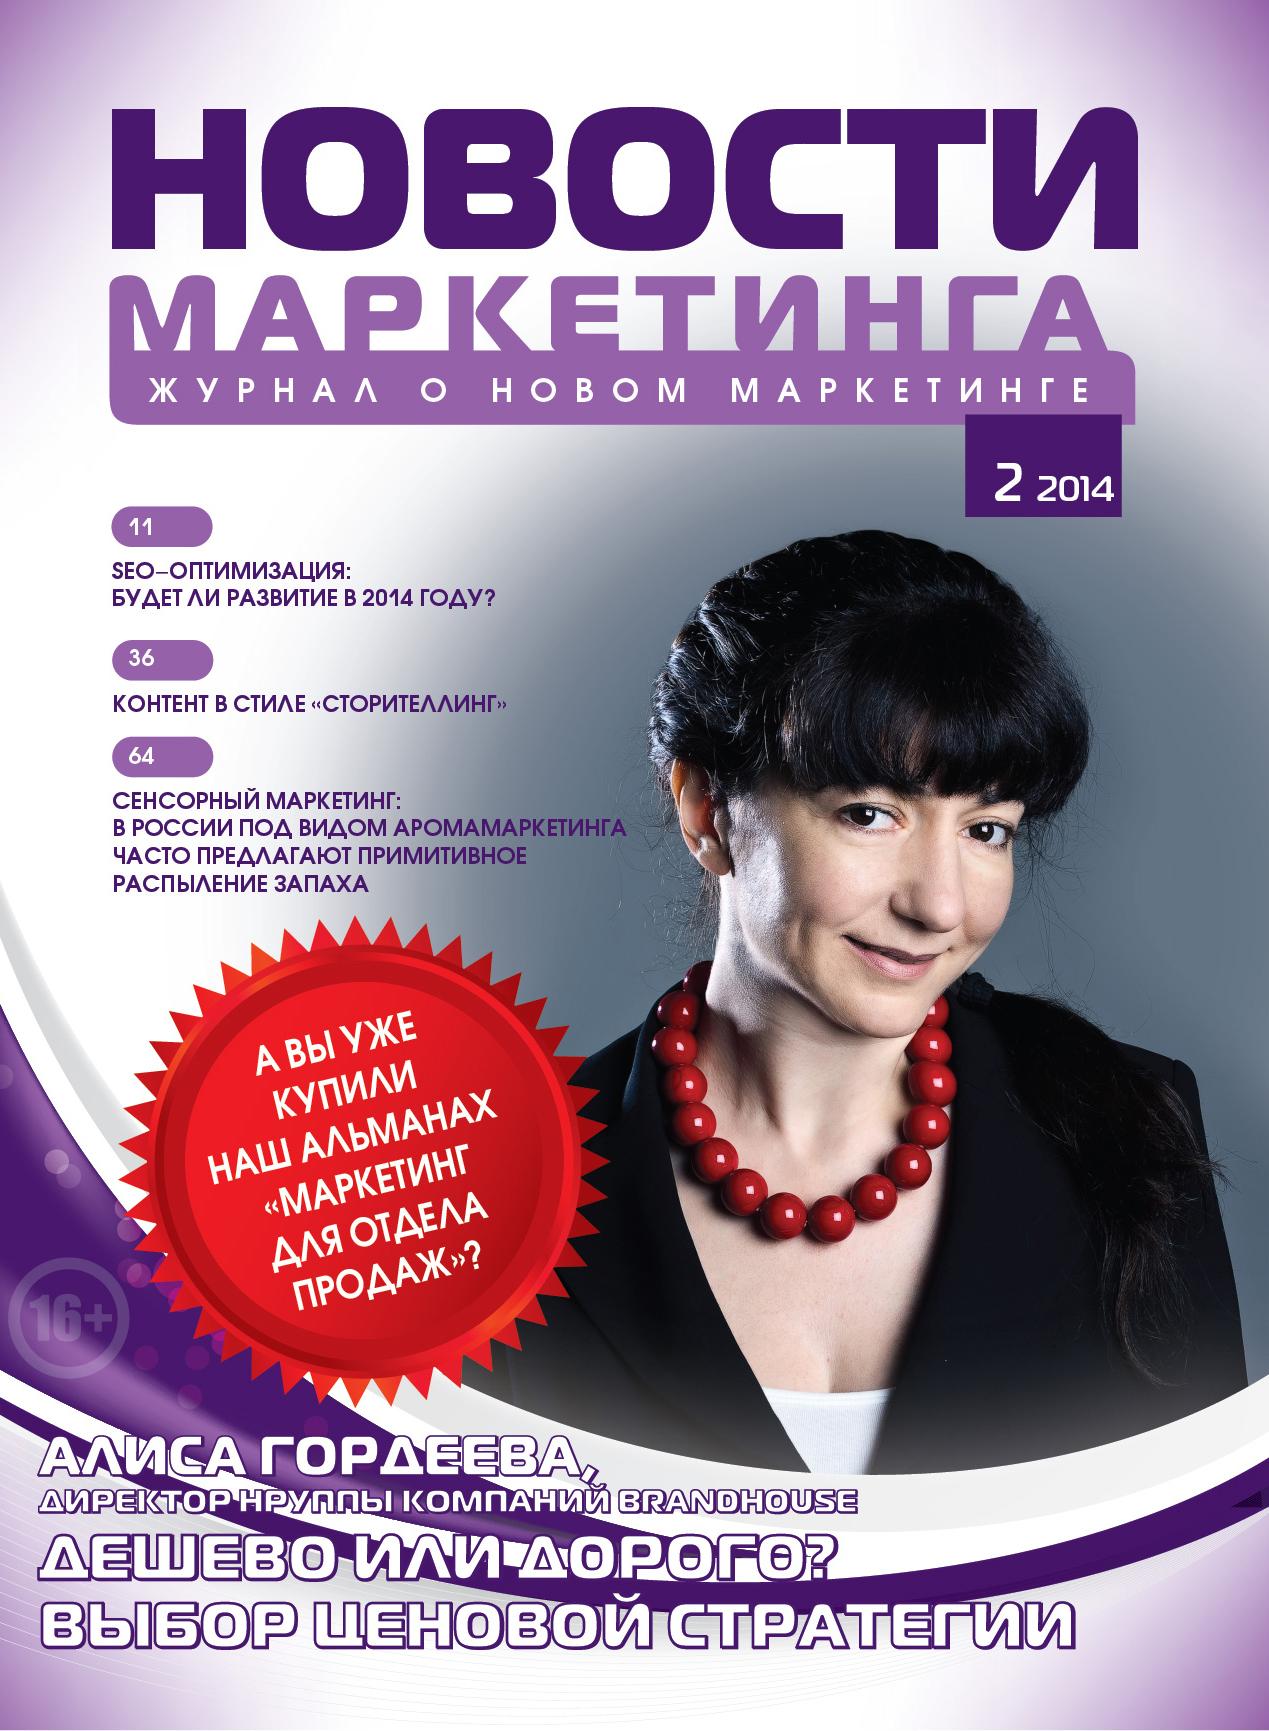 Анонс журнала «Новости маркетинга» № 2 2014, анонсы журналов, деловая пресса, издательский дом Имидж Медиа